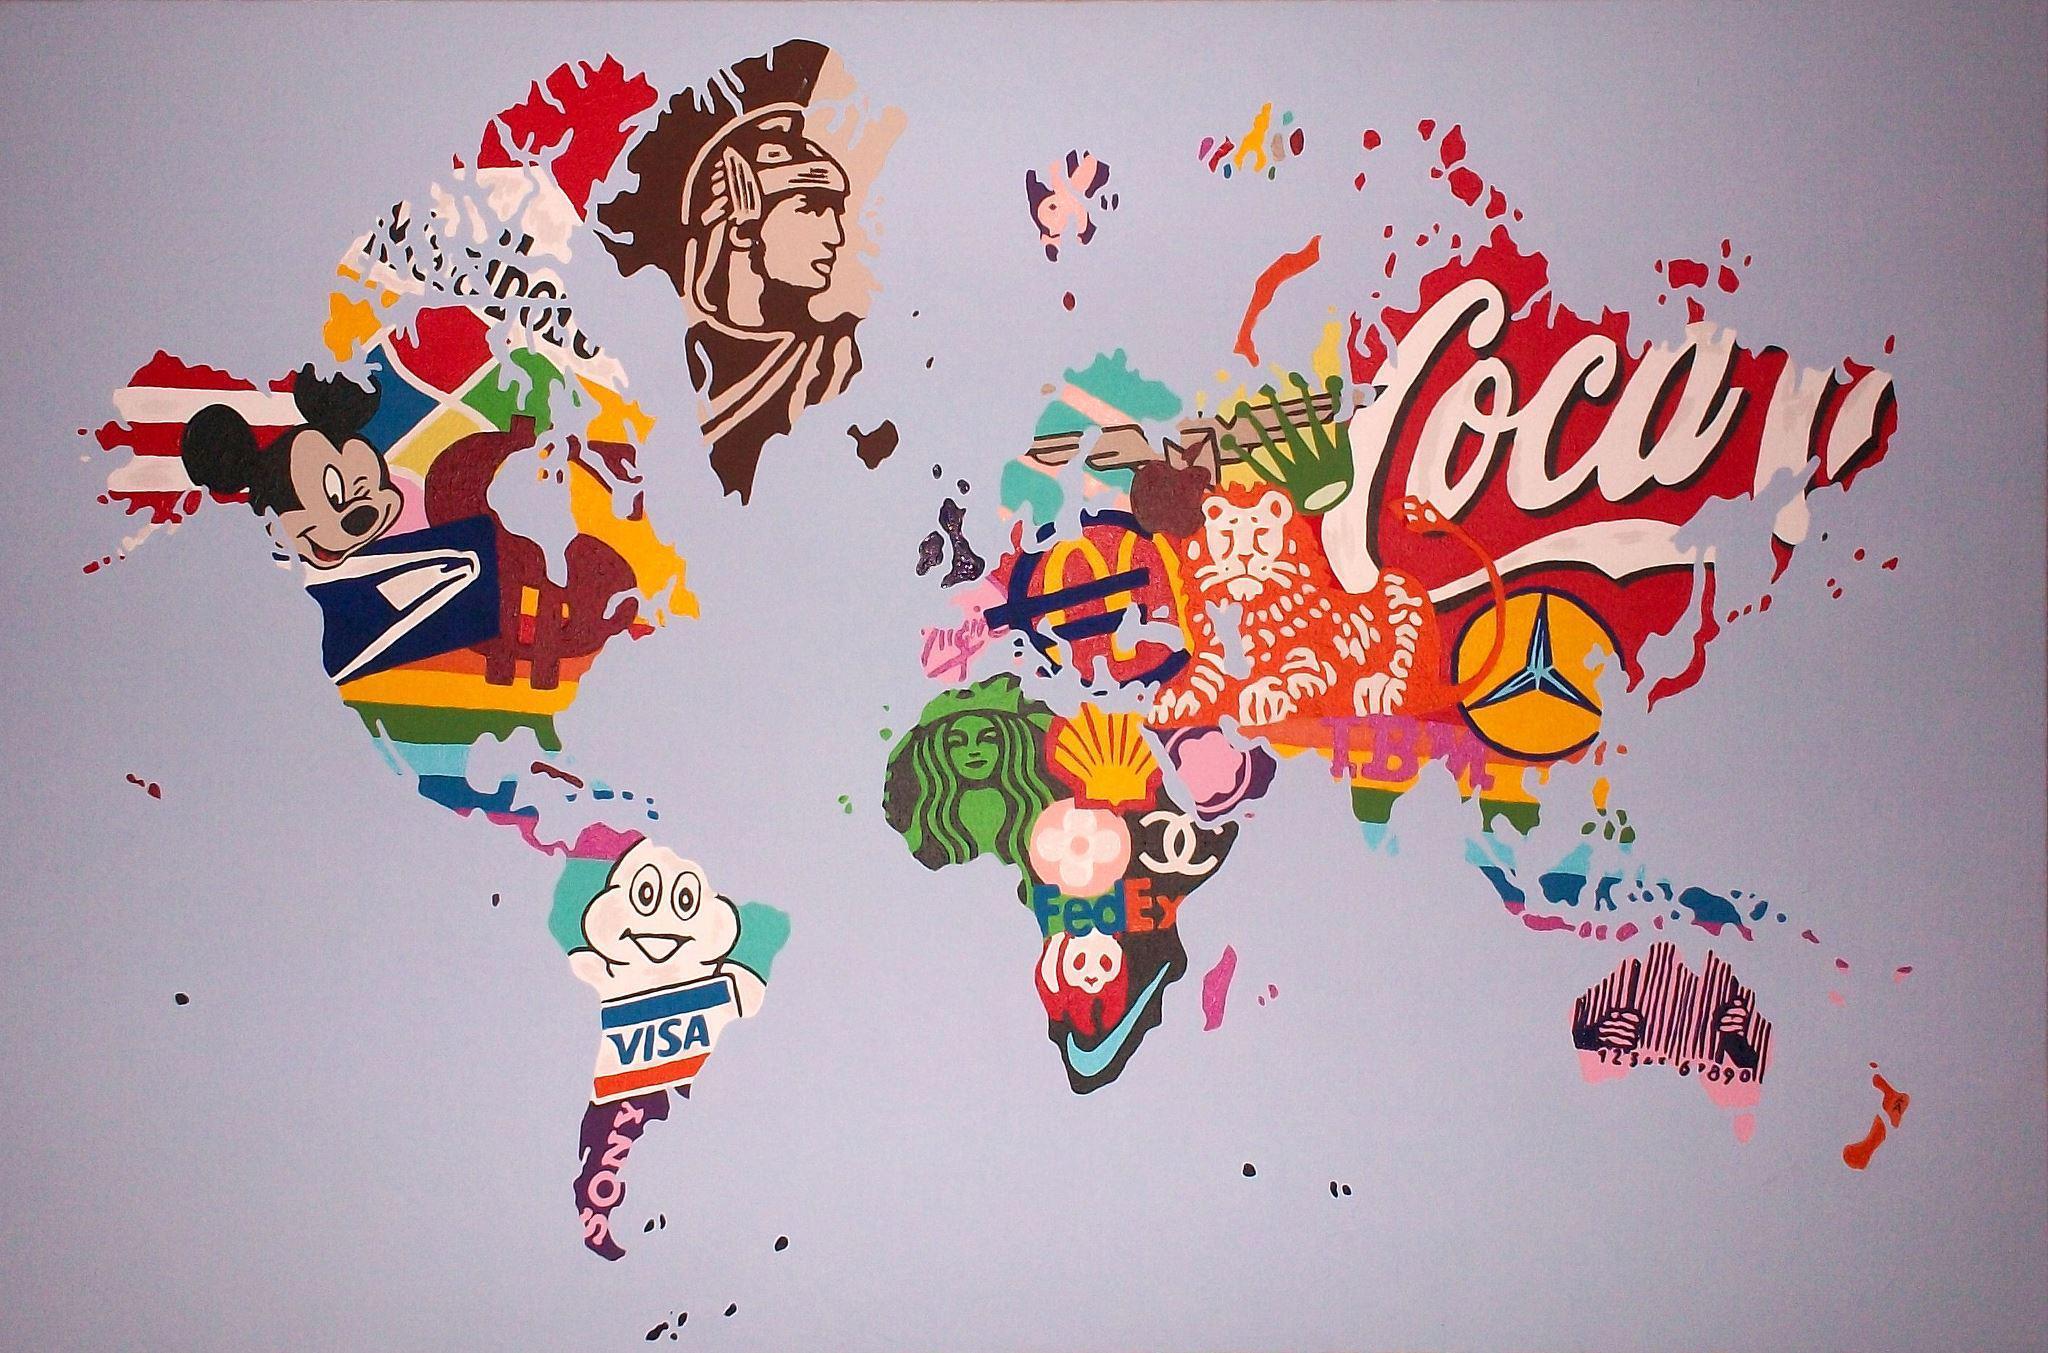 world-of-consumerism